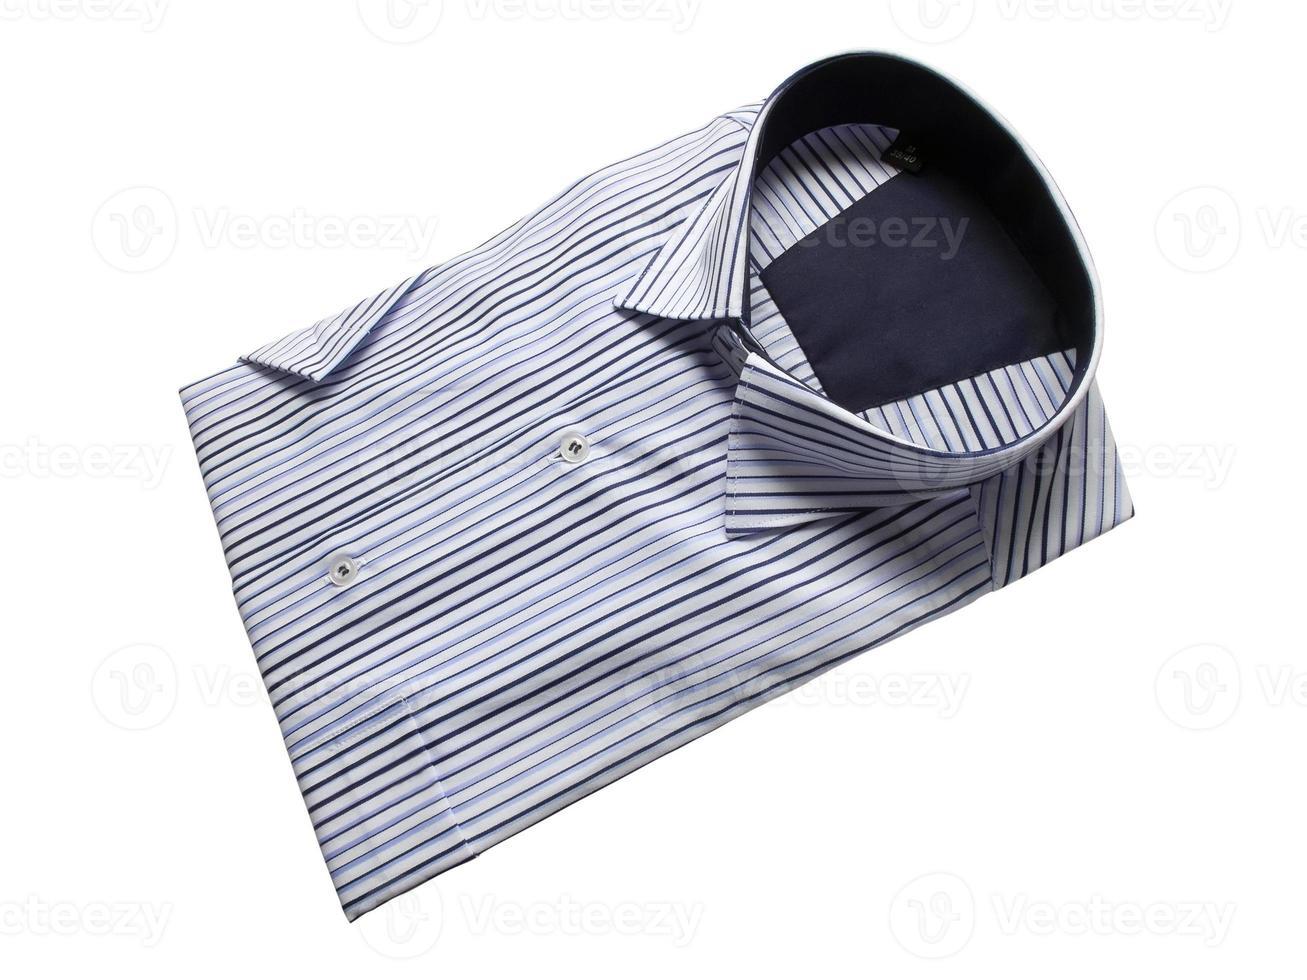 chemise homme photo